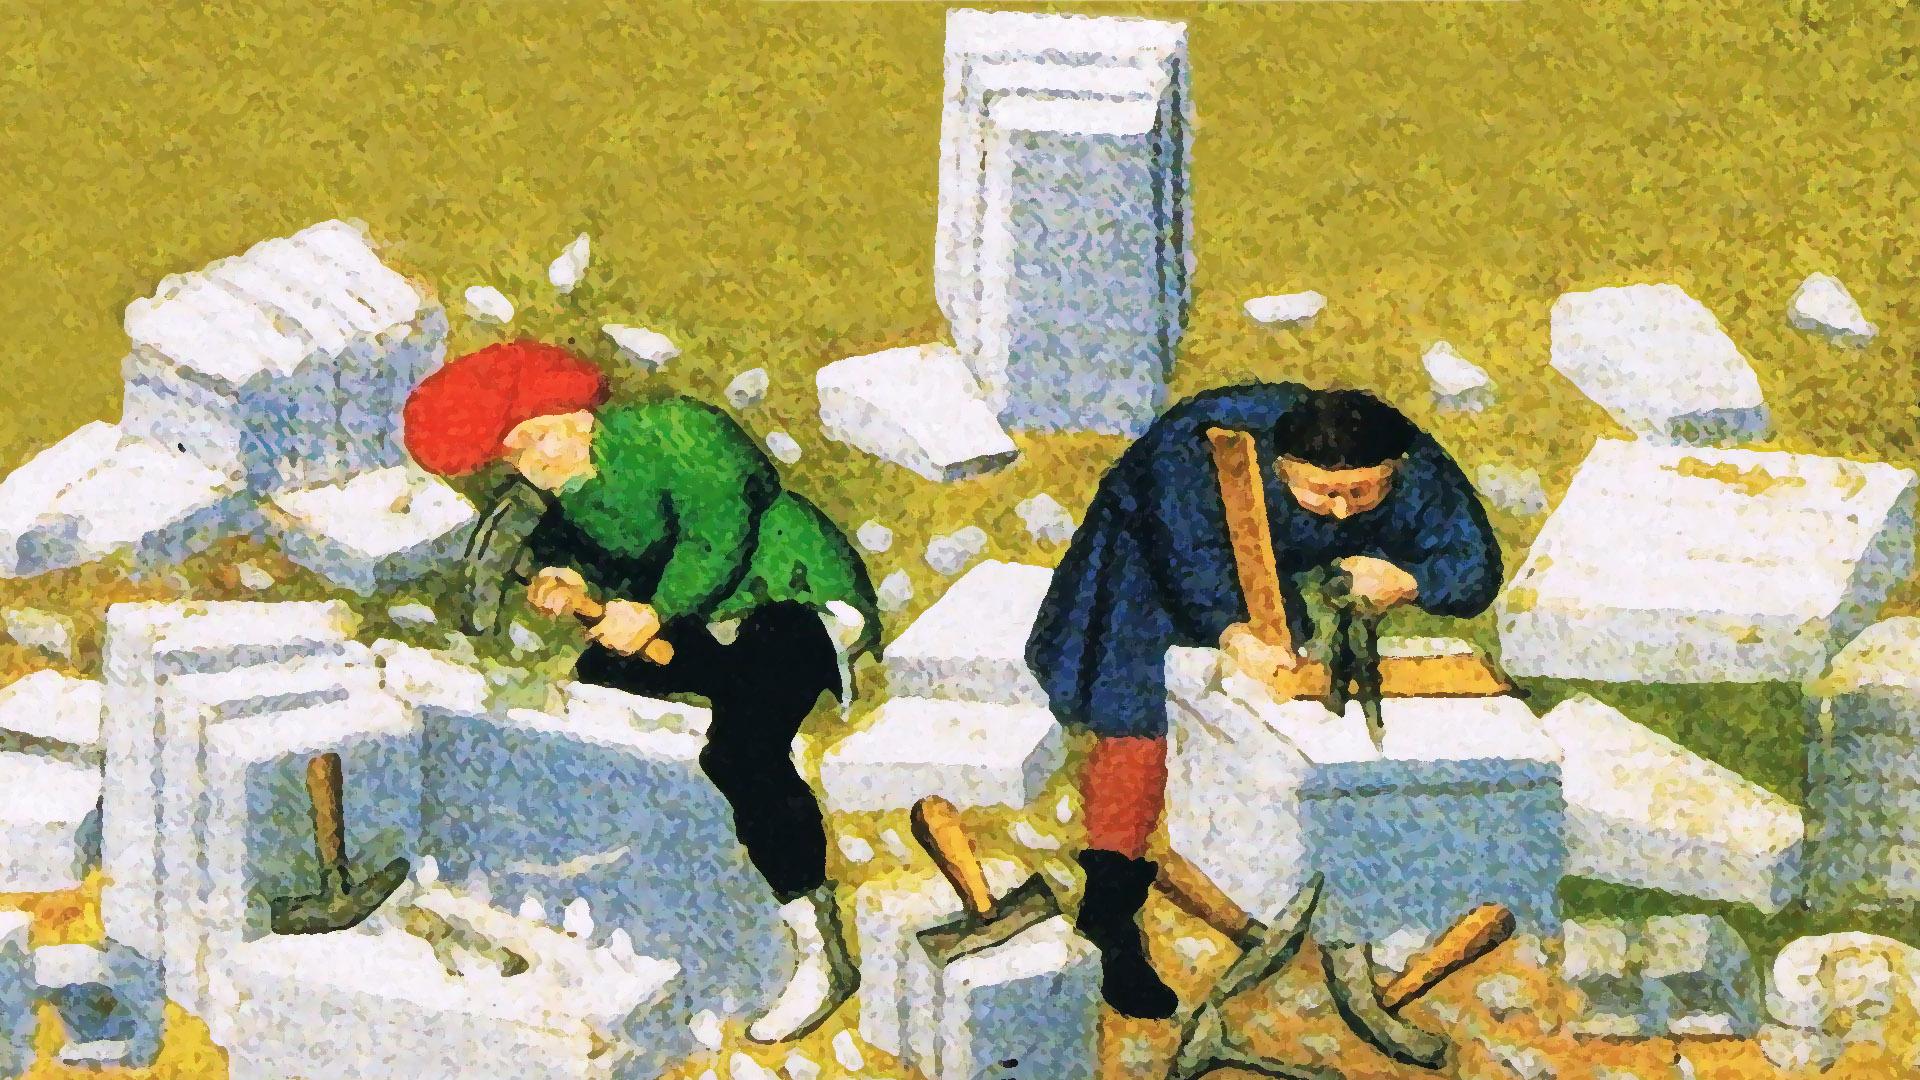 Diciottesima puntata. I tagliatori di pietra che costruivano i castelli